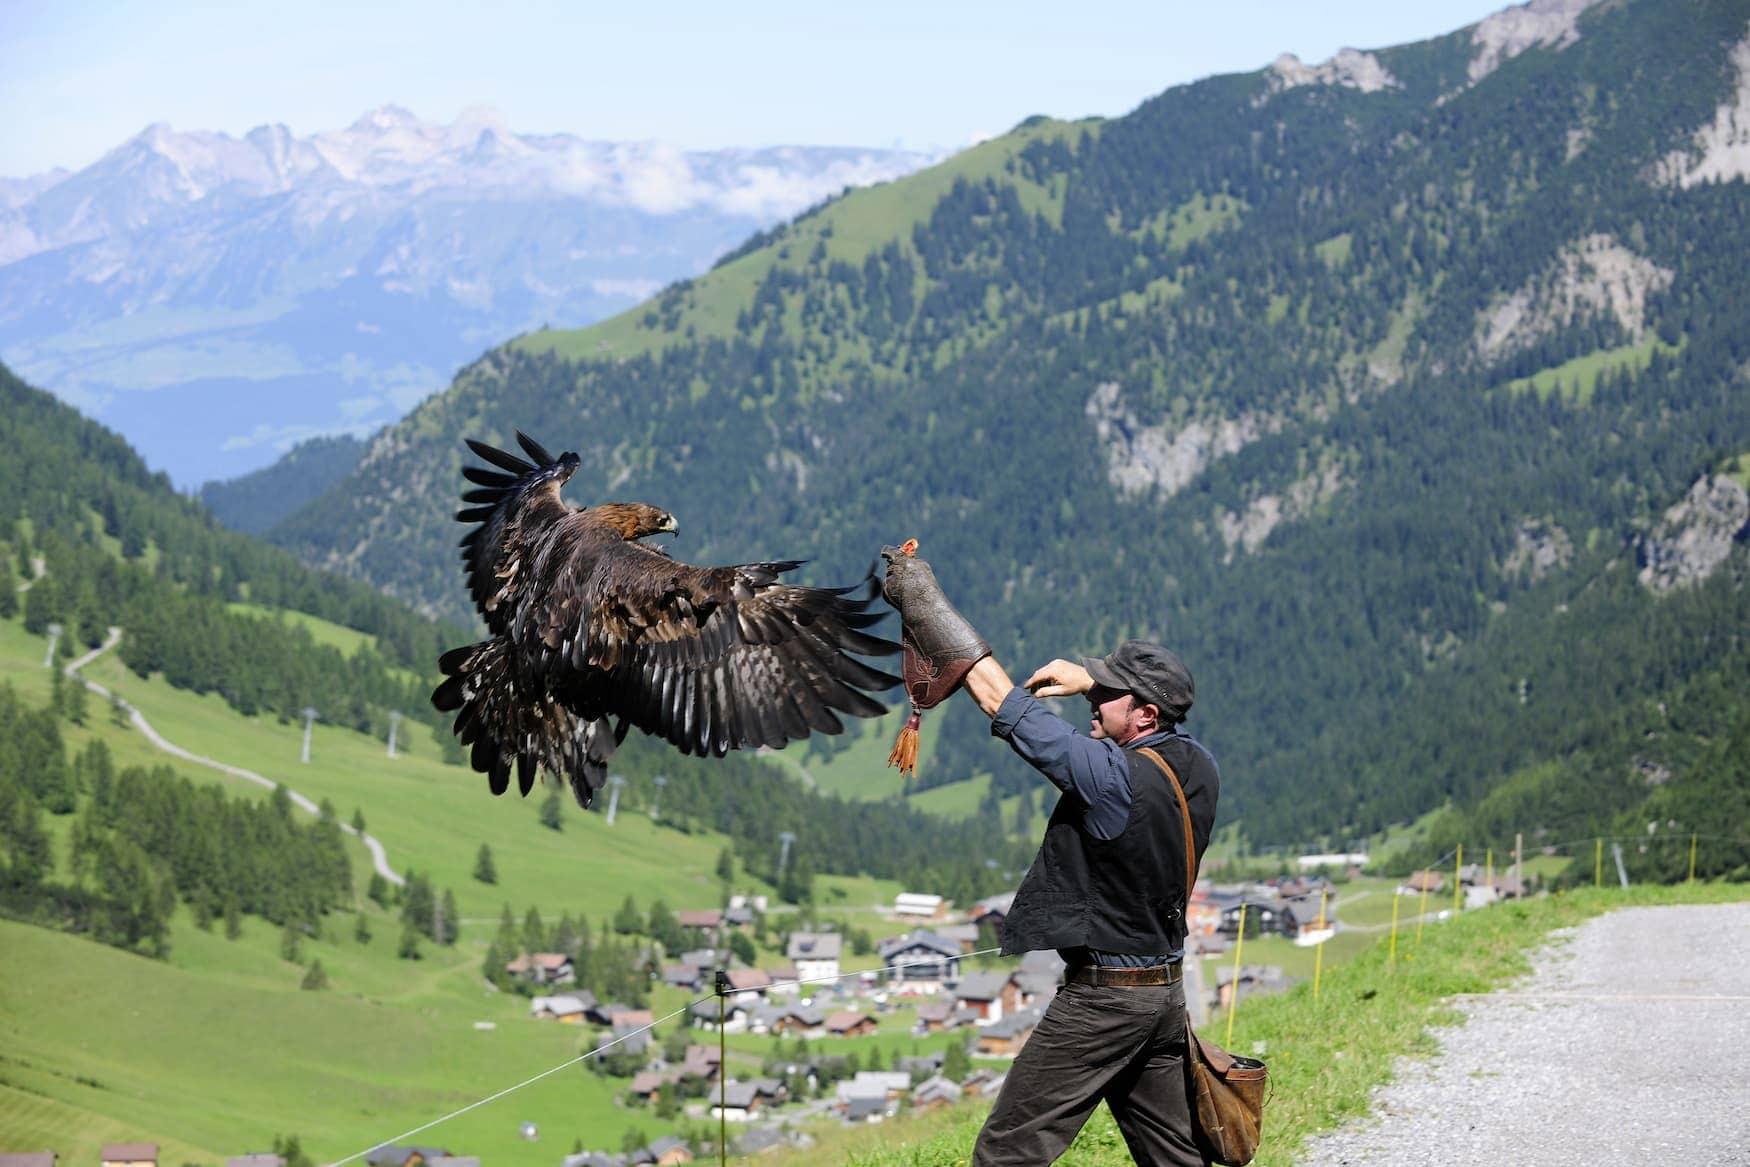 Adler fliegt um Wanderer